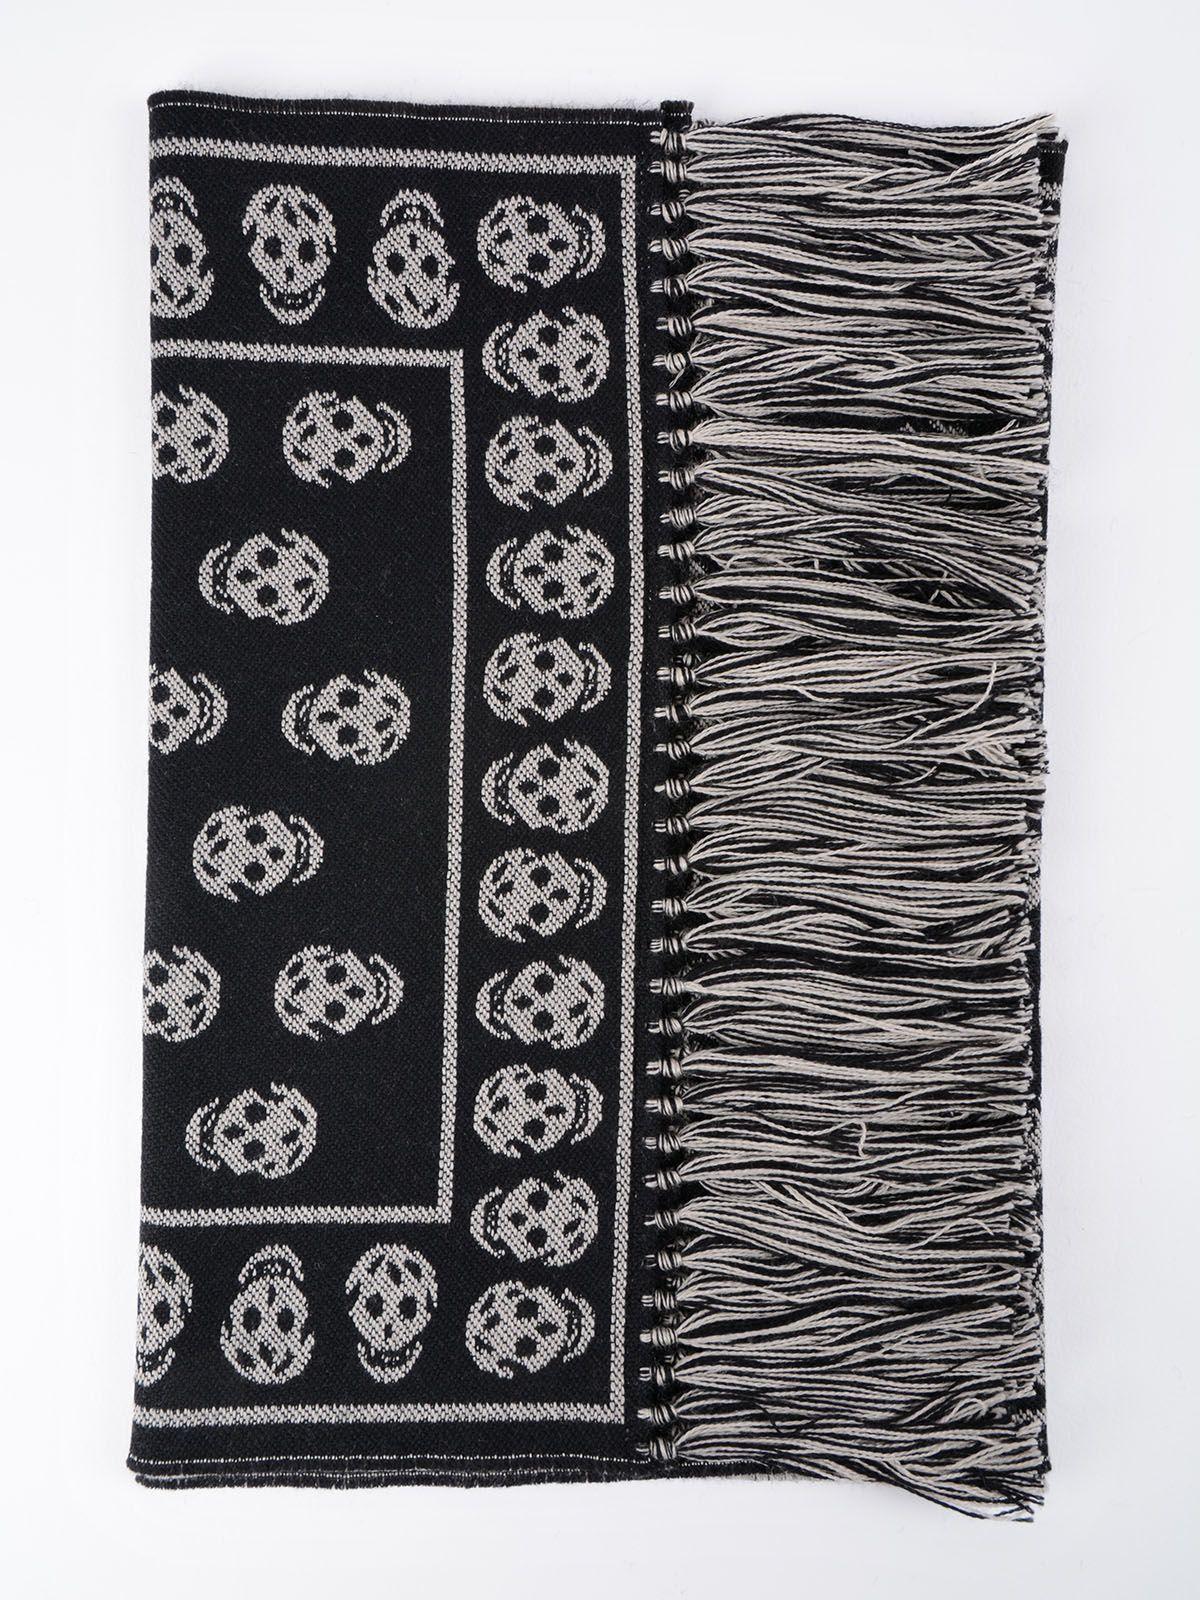 Alexander McQueen Skull Knit Scarf 6793969